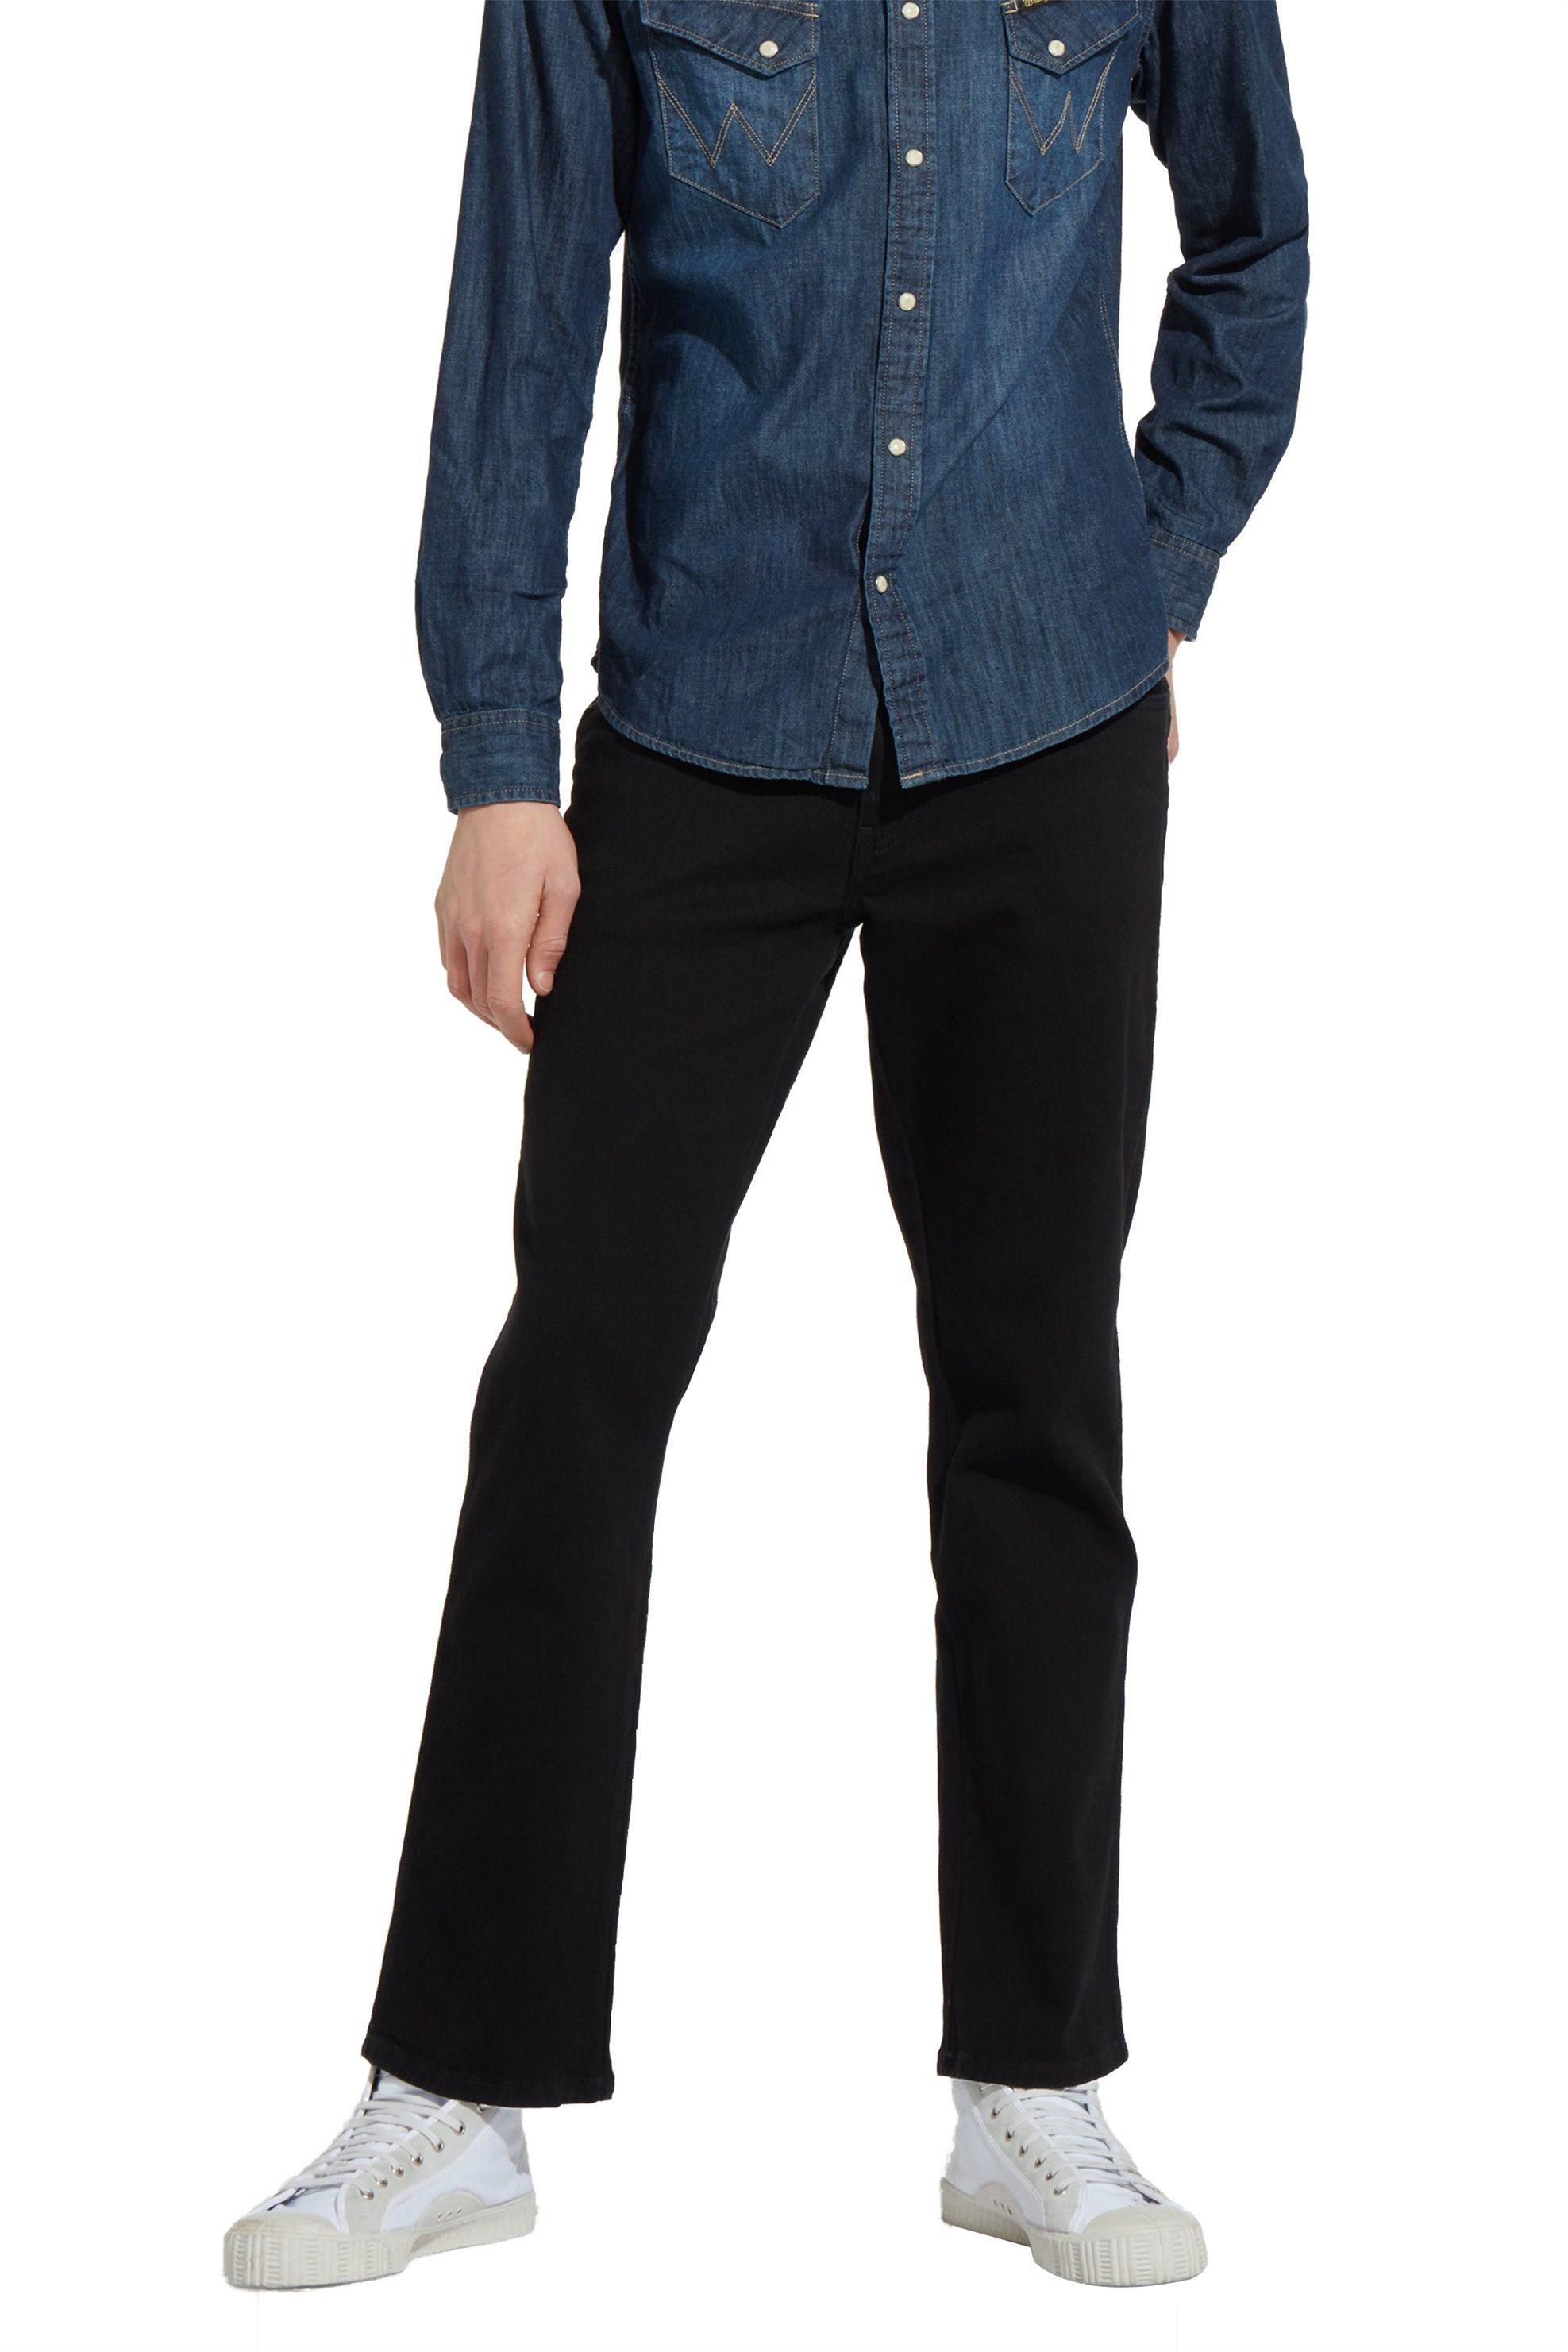 Ανδρικό μαύρο παντελόνι Texas Stretch Wrangler - W12109004 - Μαύρο ανδρασ   ρουχα   jeans   straight